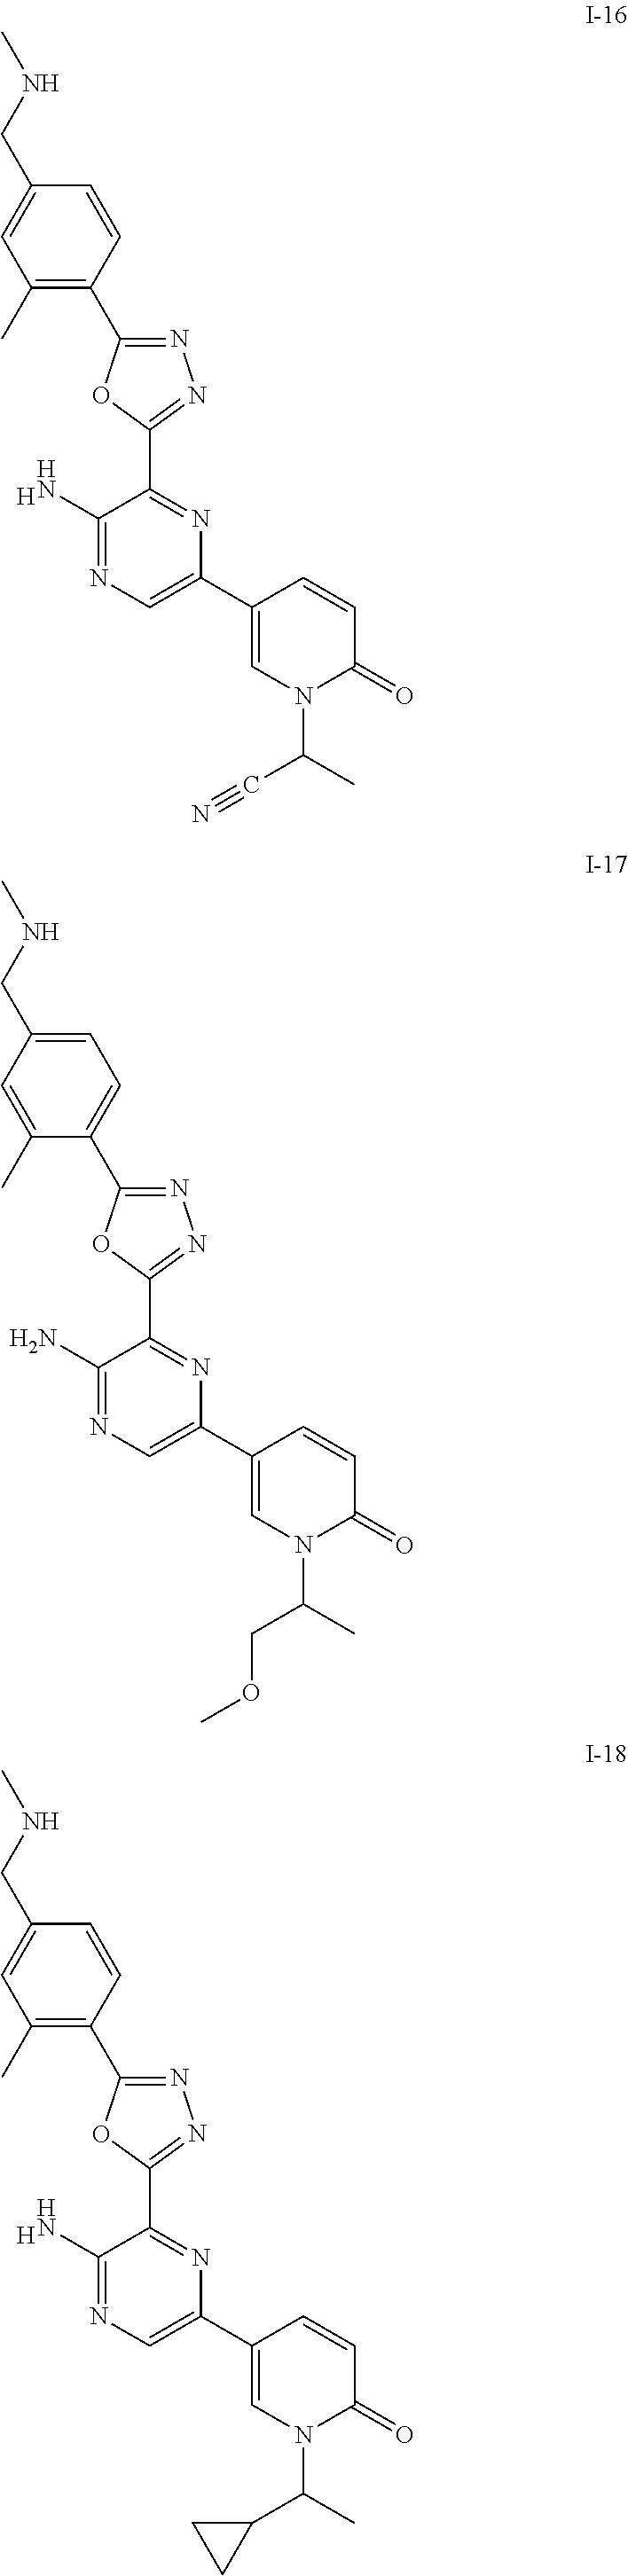 Figure US09630956-20170425-C00222